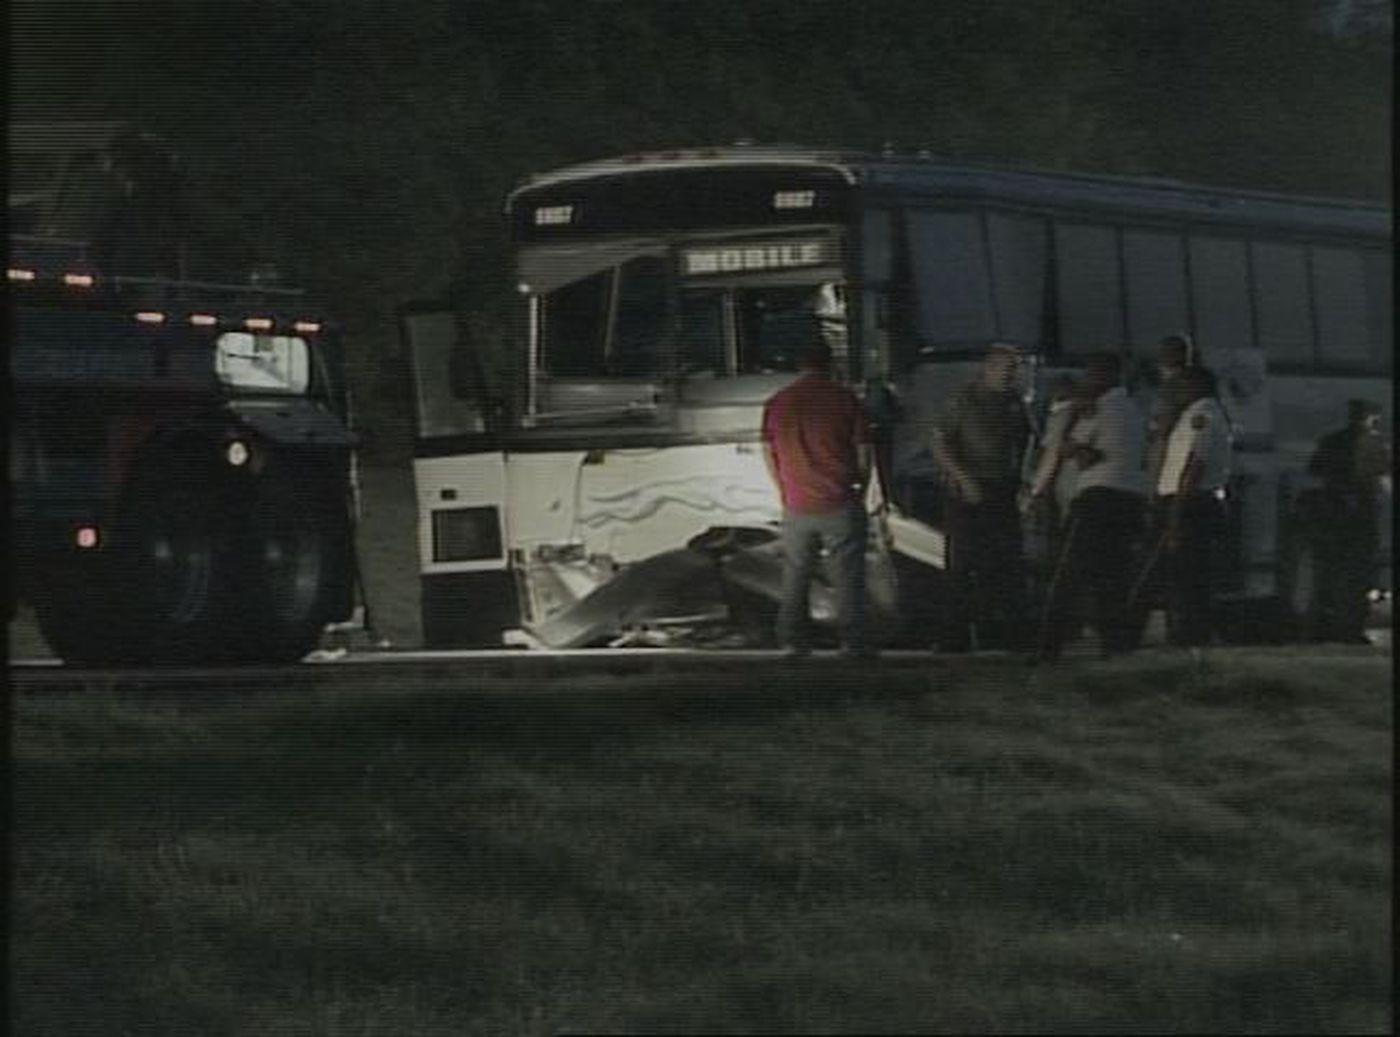 SUV & Greyhound Bus Crash Head-On: 1 Dead, 52 Injured